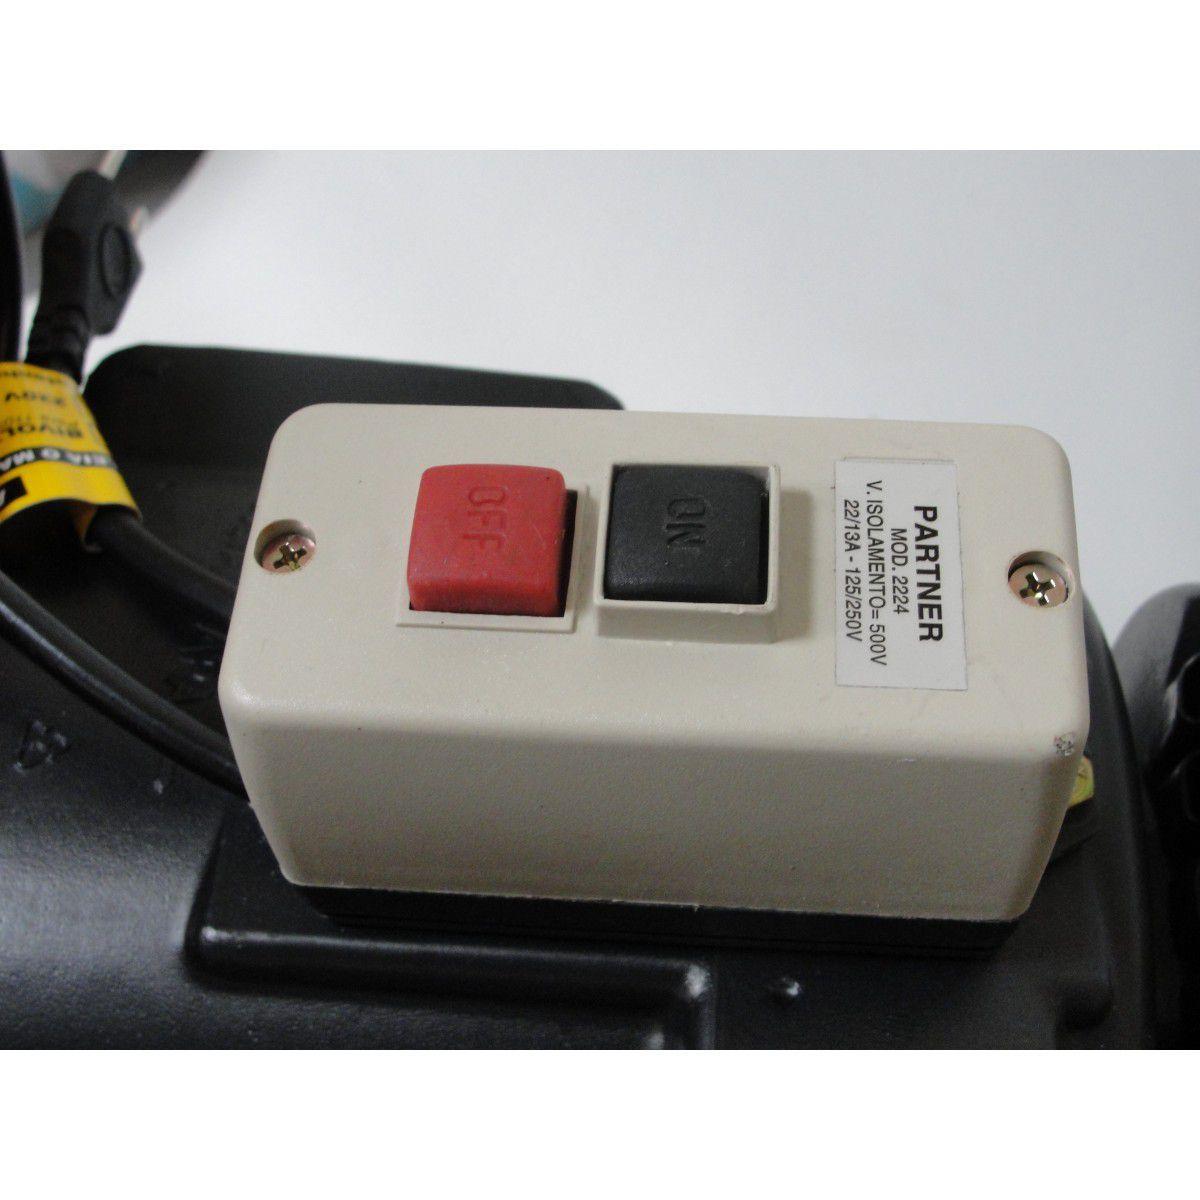 Picador Forrageiro p/ Animal 105p 1,5HP - bivolt - milho, cana e capim - CID